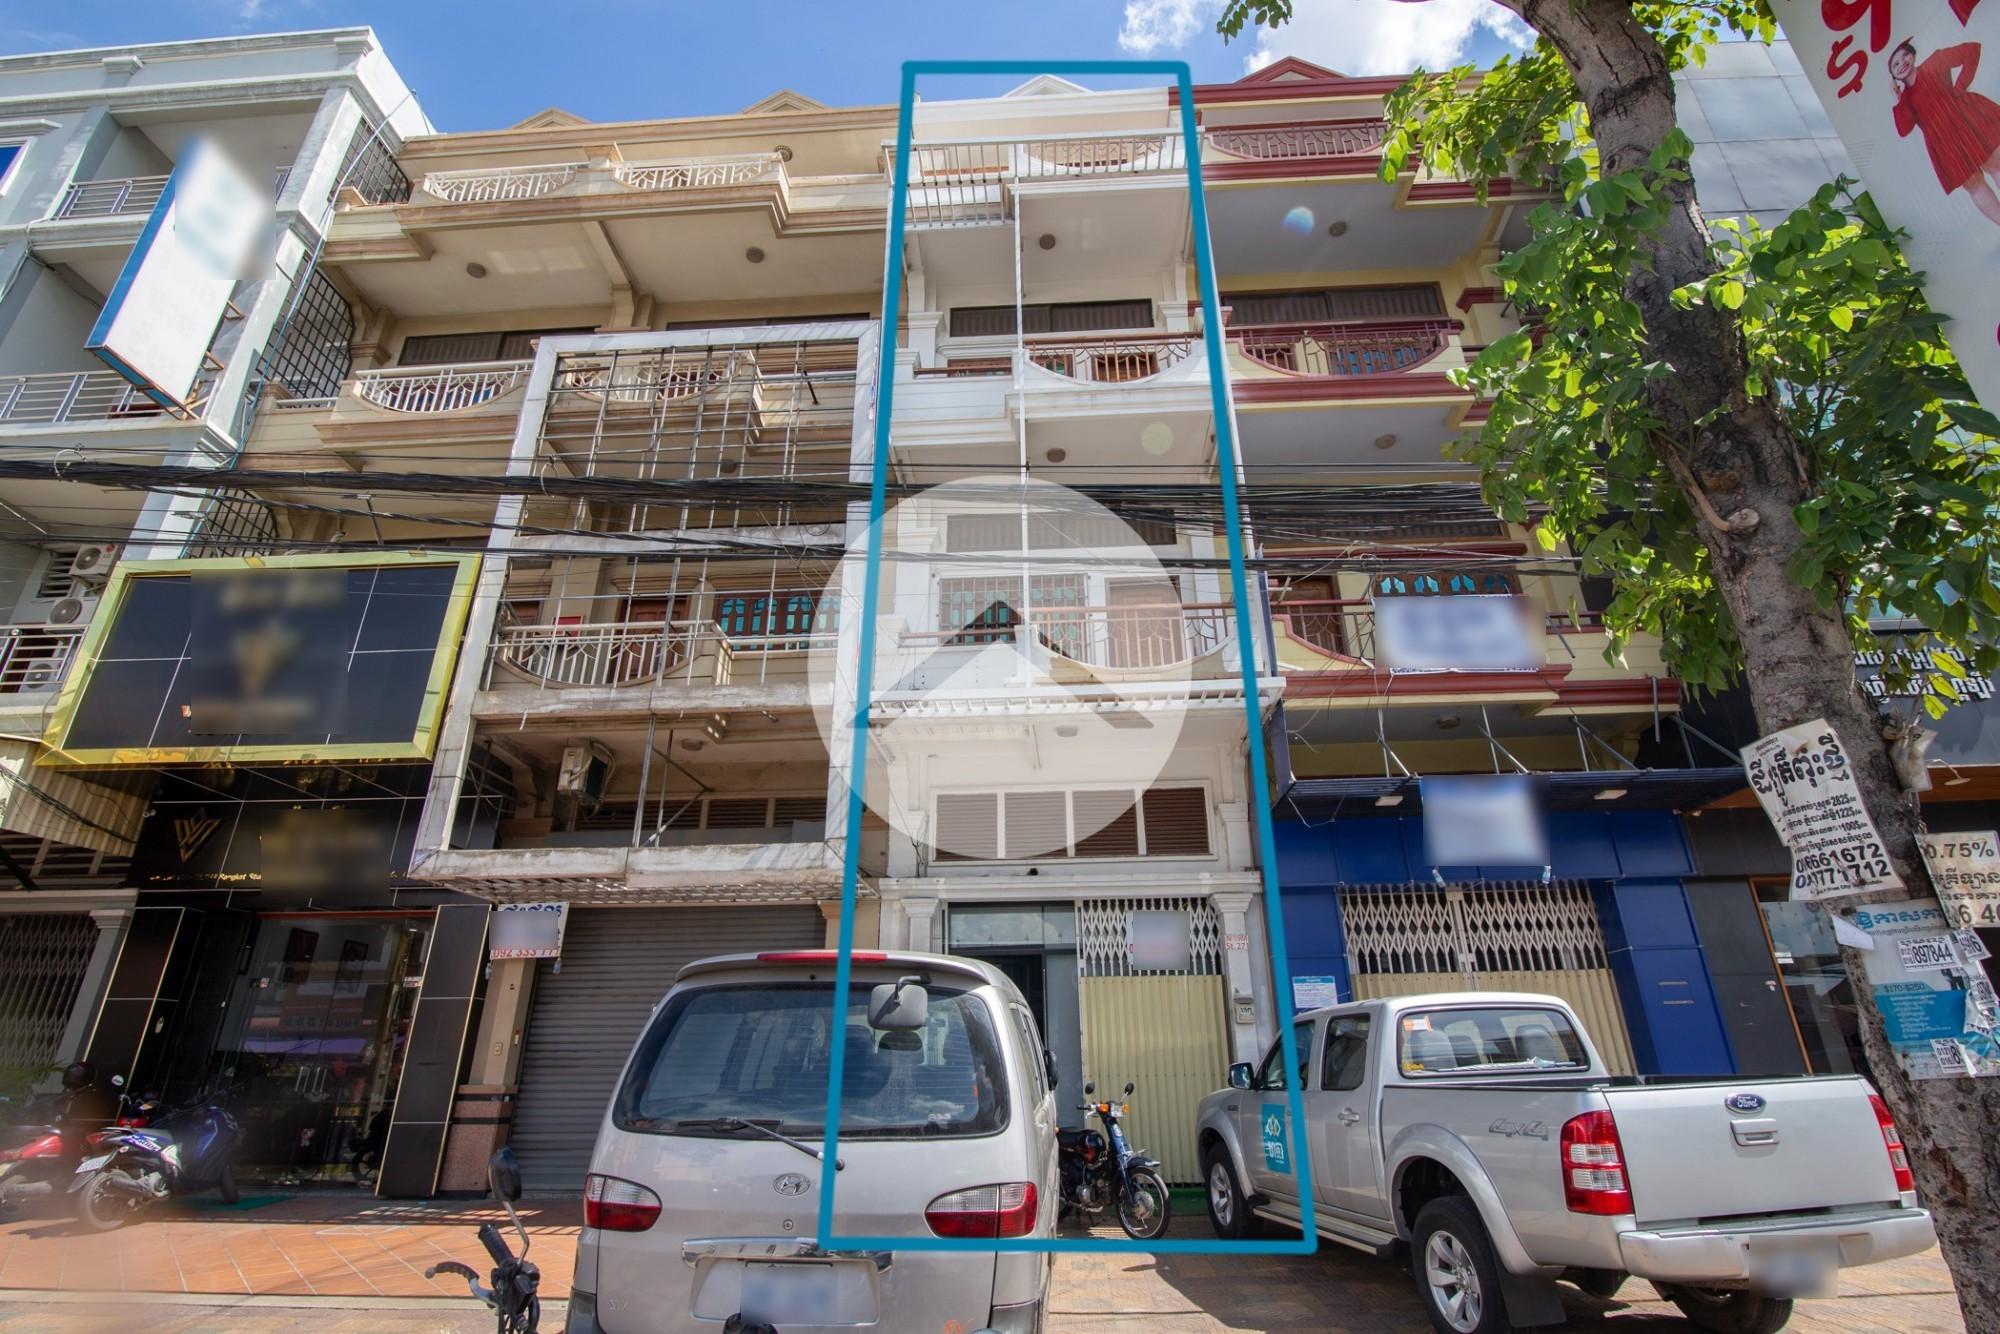 7 Bedroom Flat For Rent - Boeung Salang, Phnom Penh